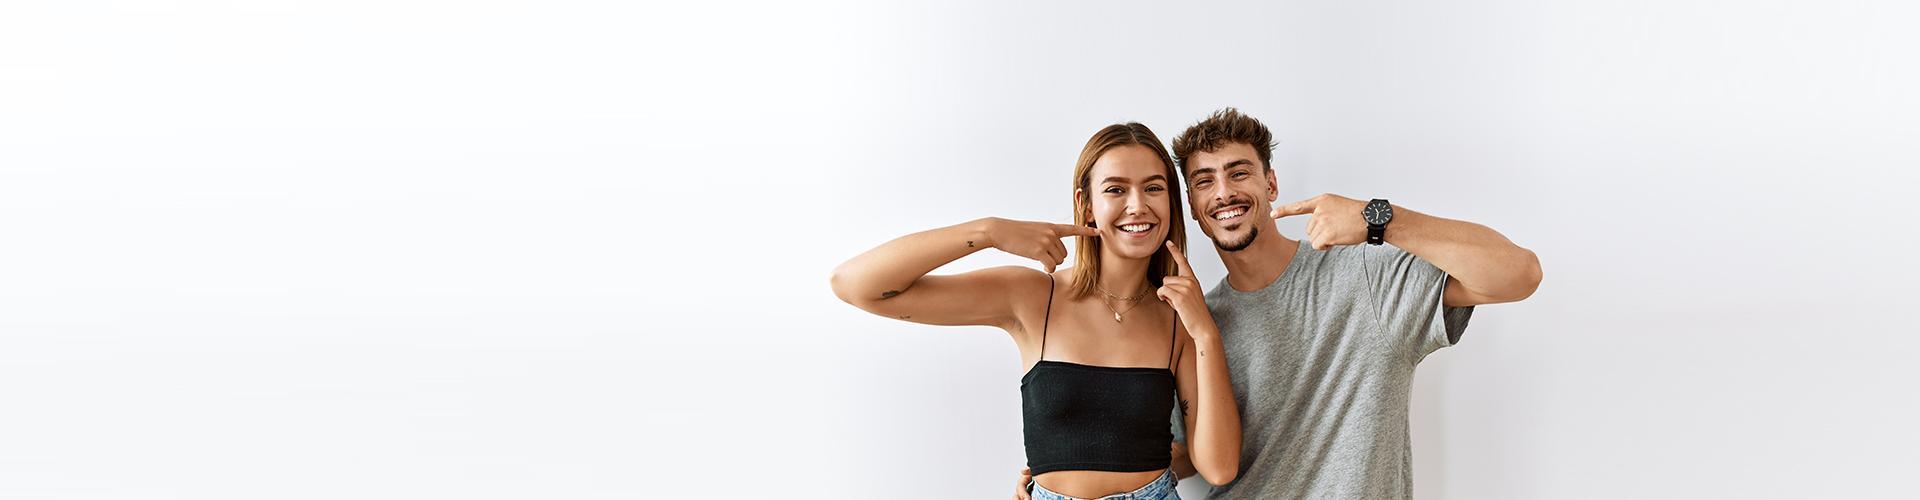 Fogkőeltávolítás és fogpolírozás - a maradéktalan szájhigiéniáért